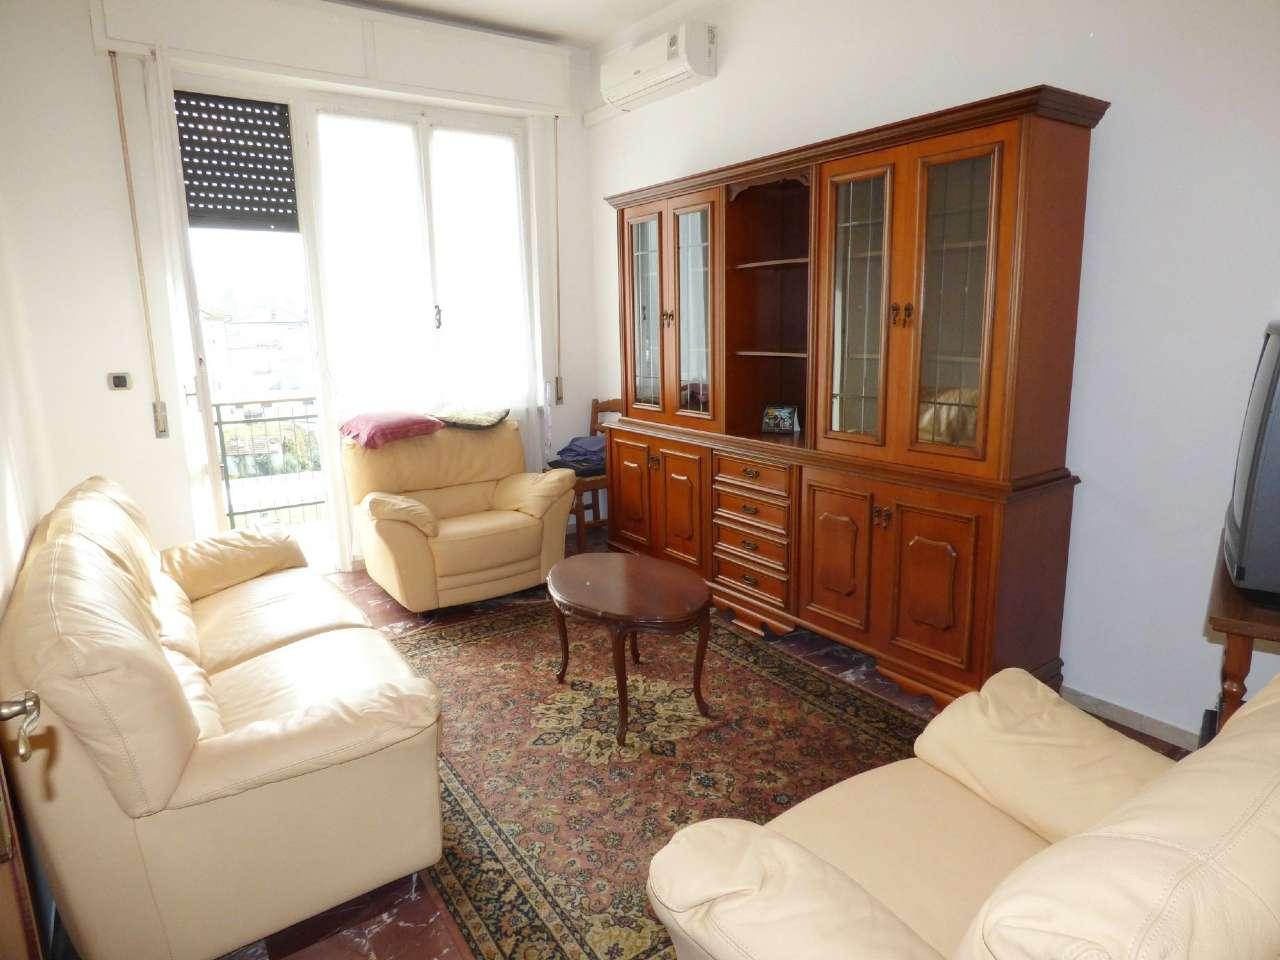 Appartamento in vendita a San Colombano Certenoli, 4 locali, prezzo € 135.000 | Cambio Casa.it